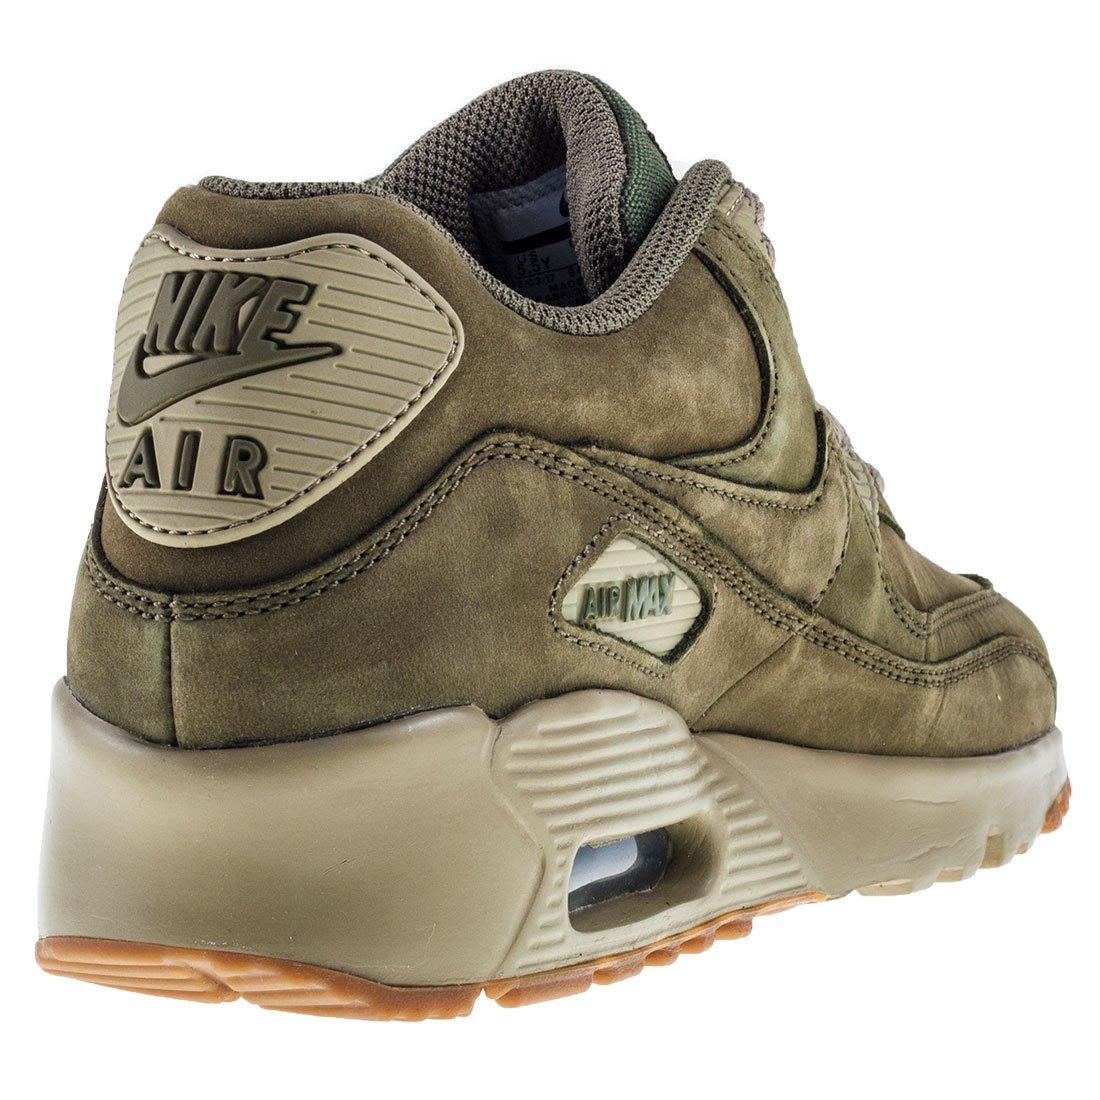 hot sale online a742b 666a5 Nike Air Max 90 Winter PRM 943747200, Basket: Amazon.fr: Chaussures et Sacs